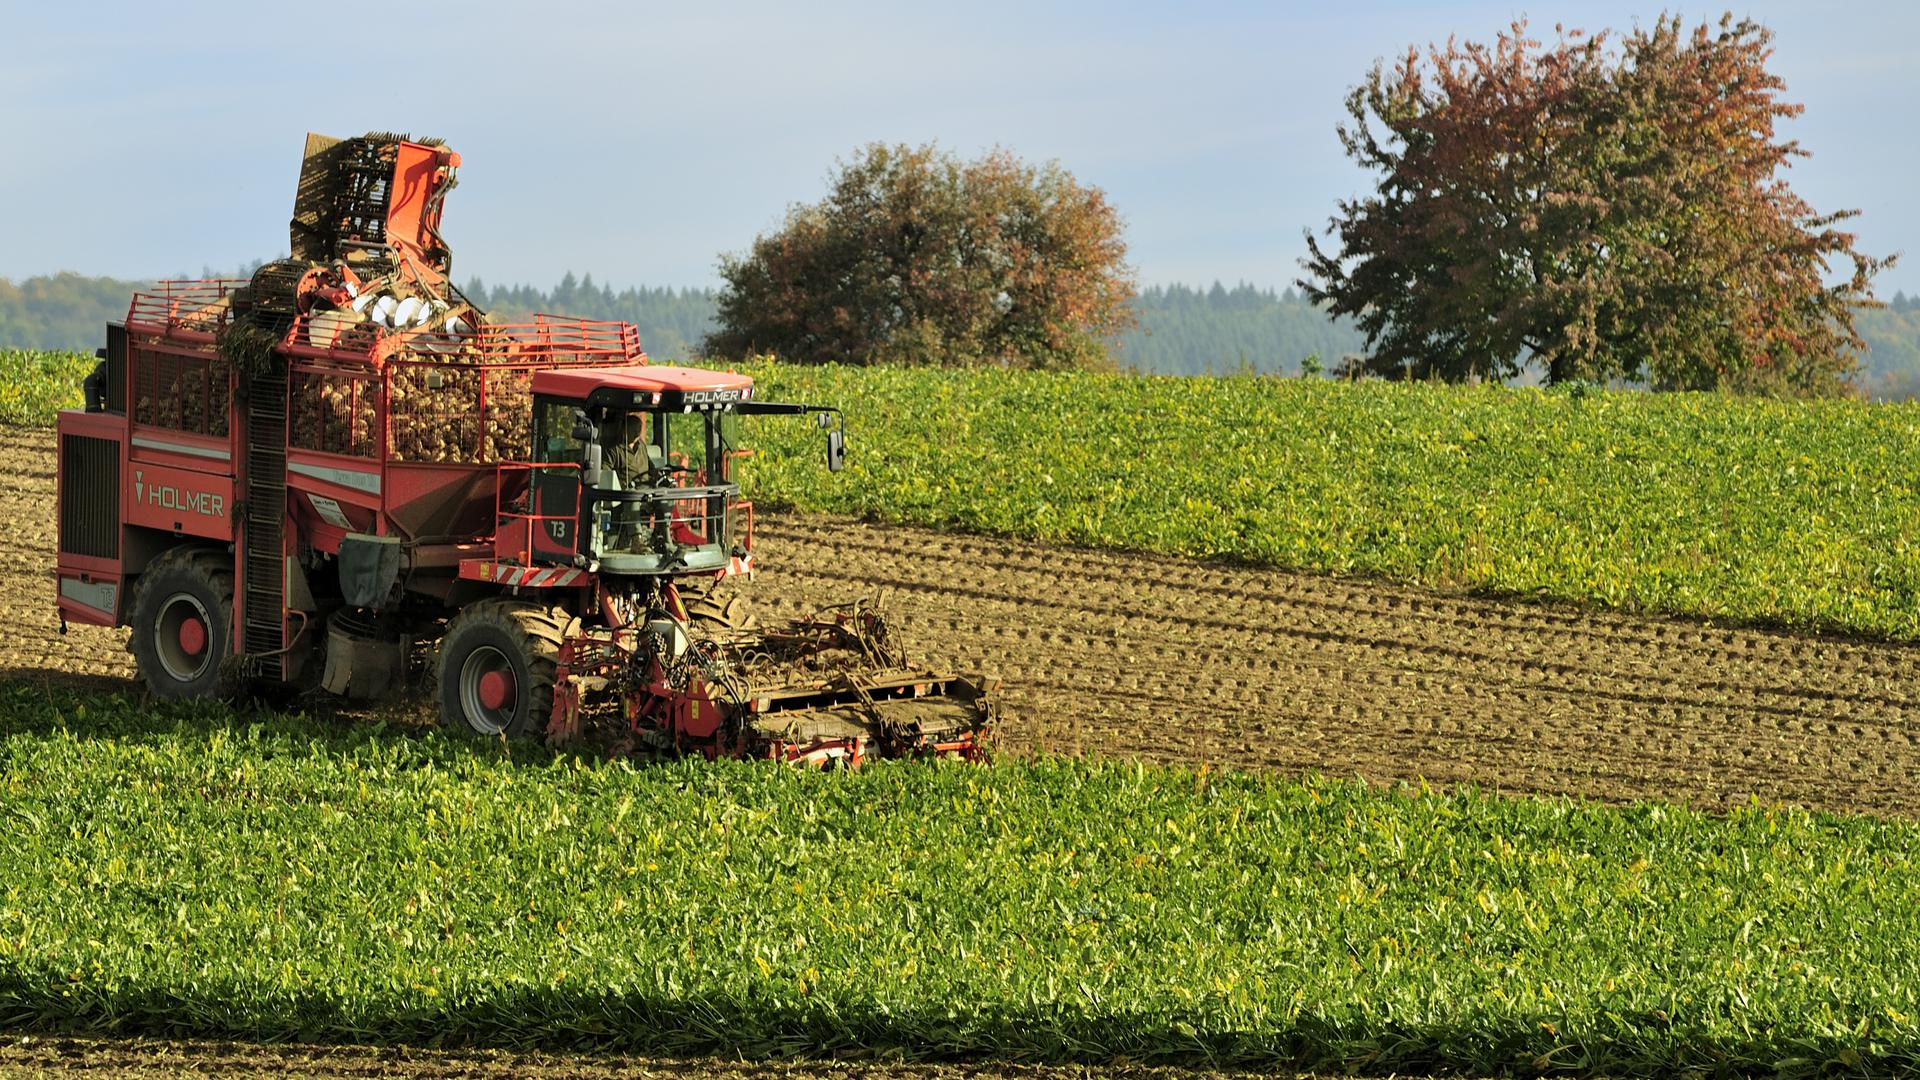 Rübenernte in Heidelsheim: Erntemaschine auf einem Rübenacker